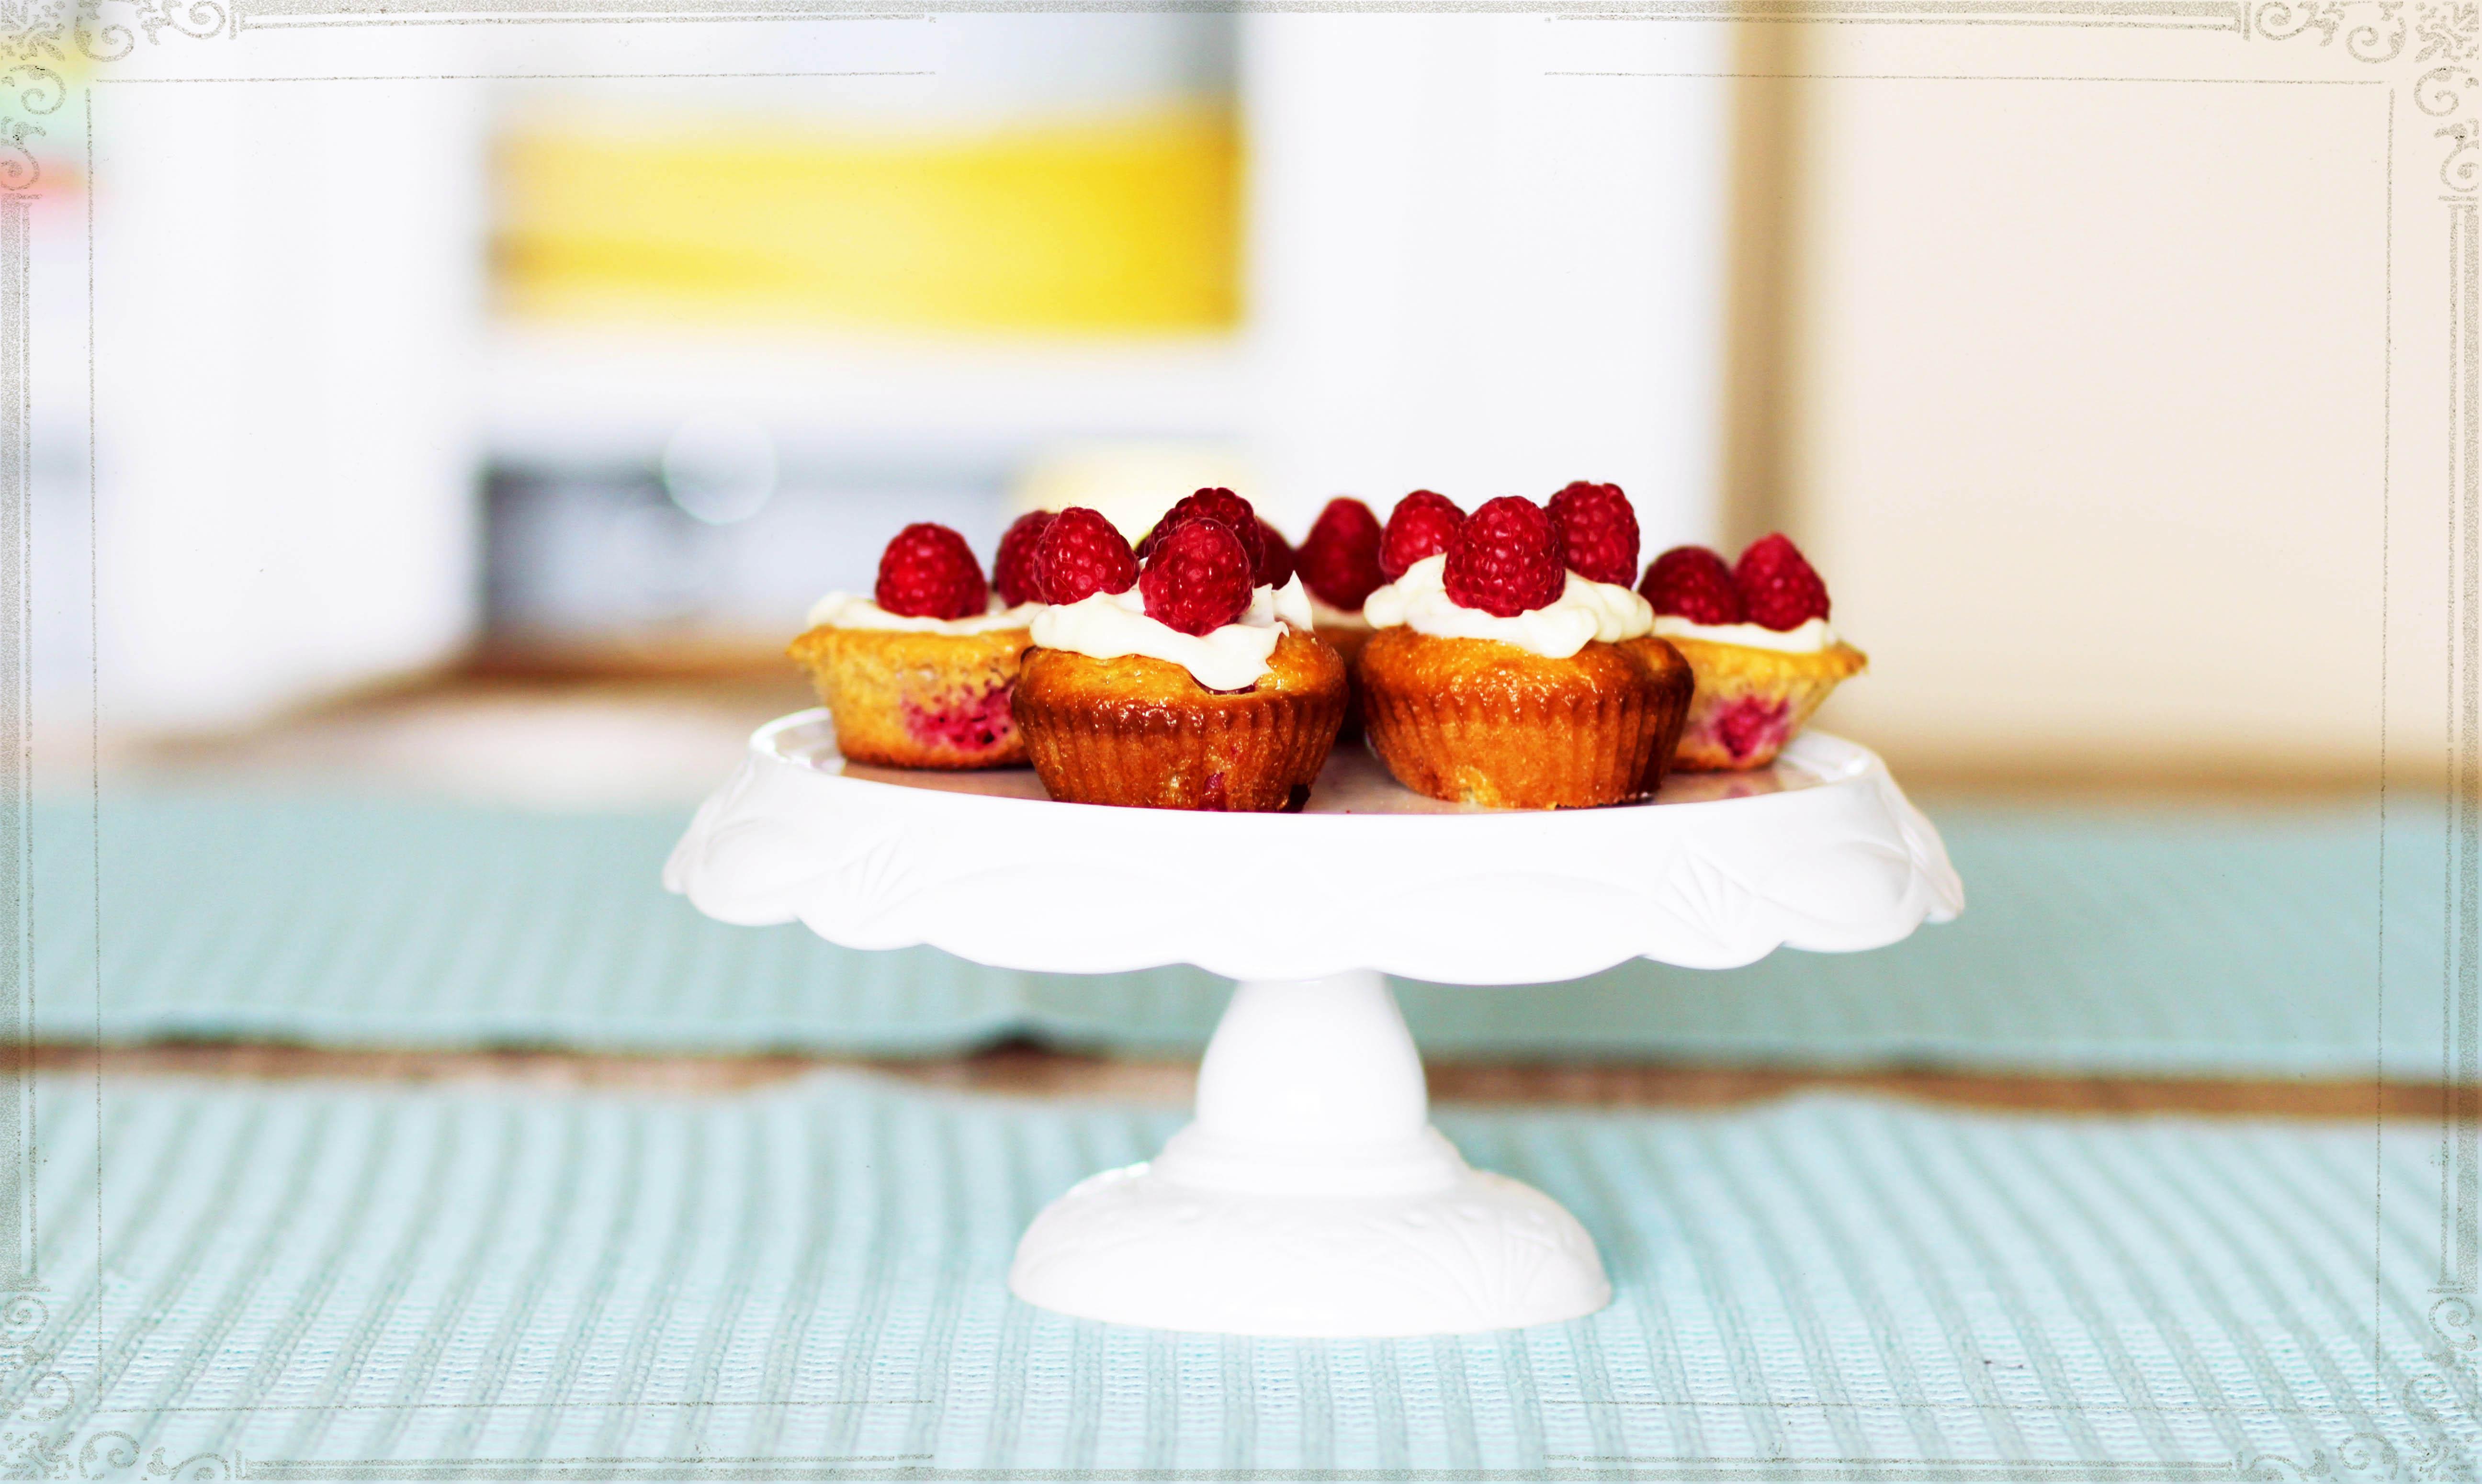 Cupcakes by {cbda}